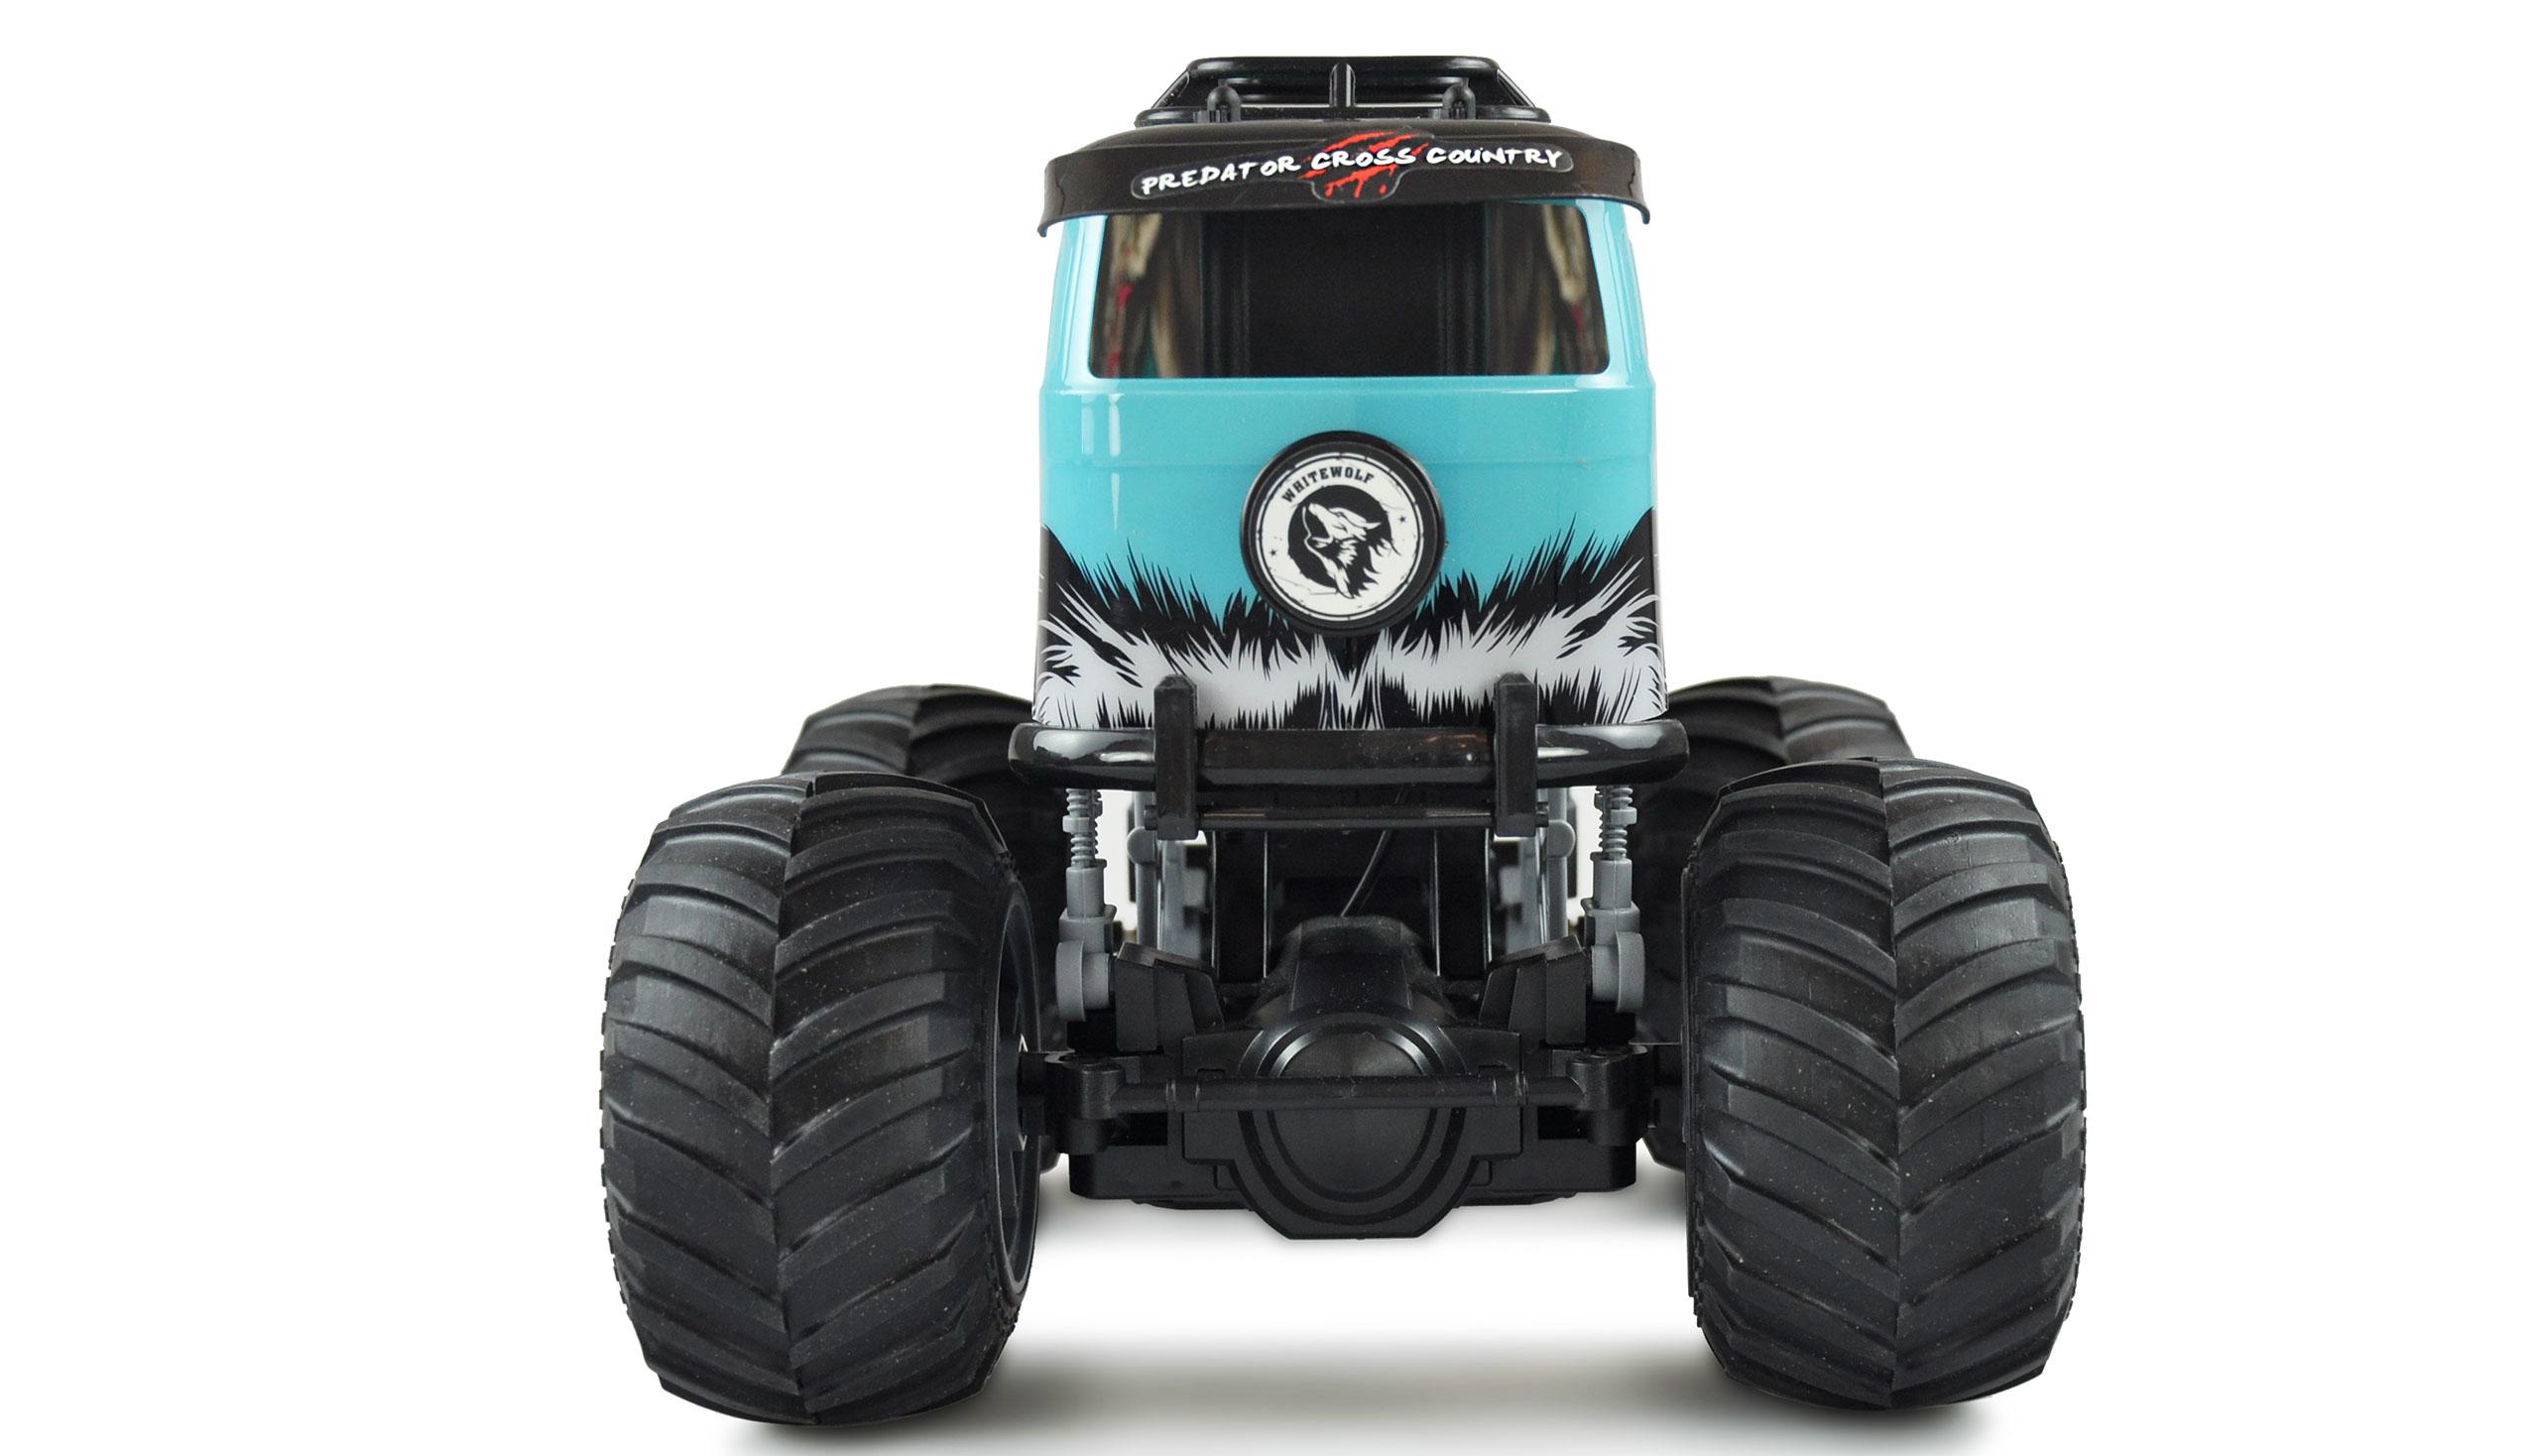 Amewi Crazy Bus - Monstertruck - 1:16 - Junge - 6 Jahr(e) - 700 mAh - 1 kg